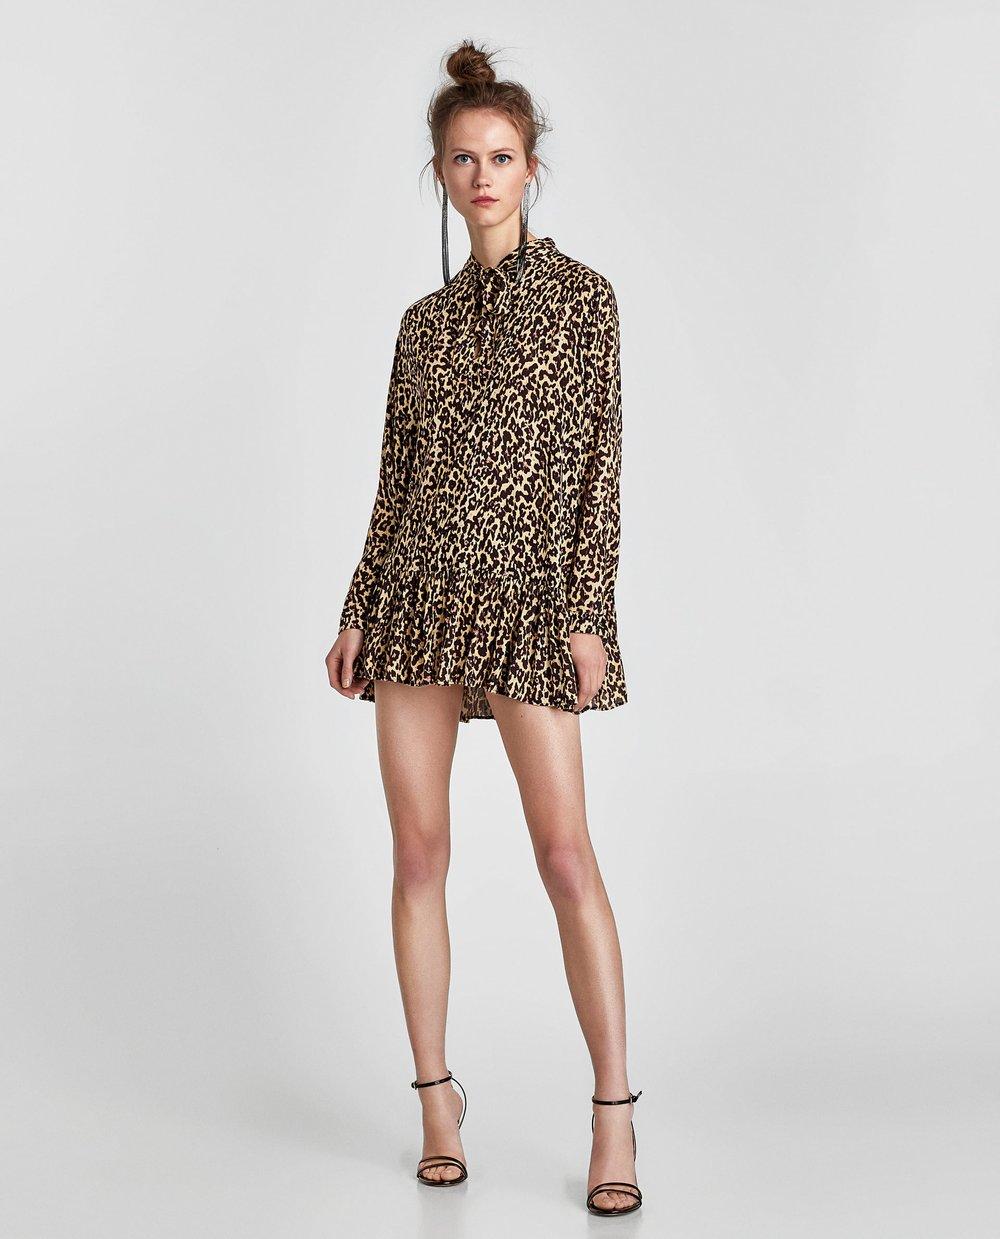 https://www.zara.com/ca/en/animal-print-blouse-with-bow-p02183041.html?v1=5479501&v2=969004